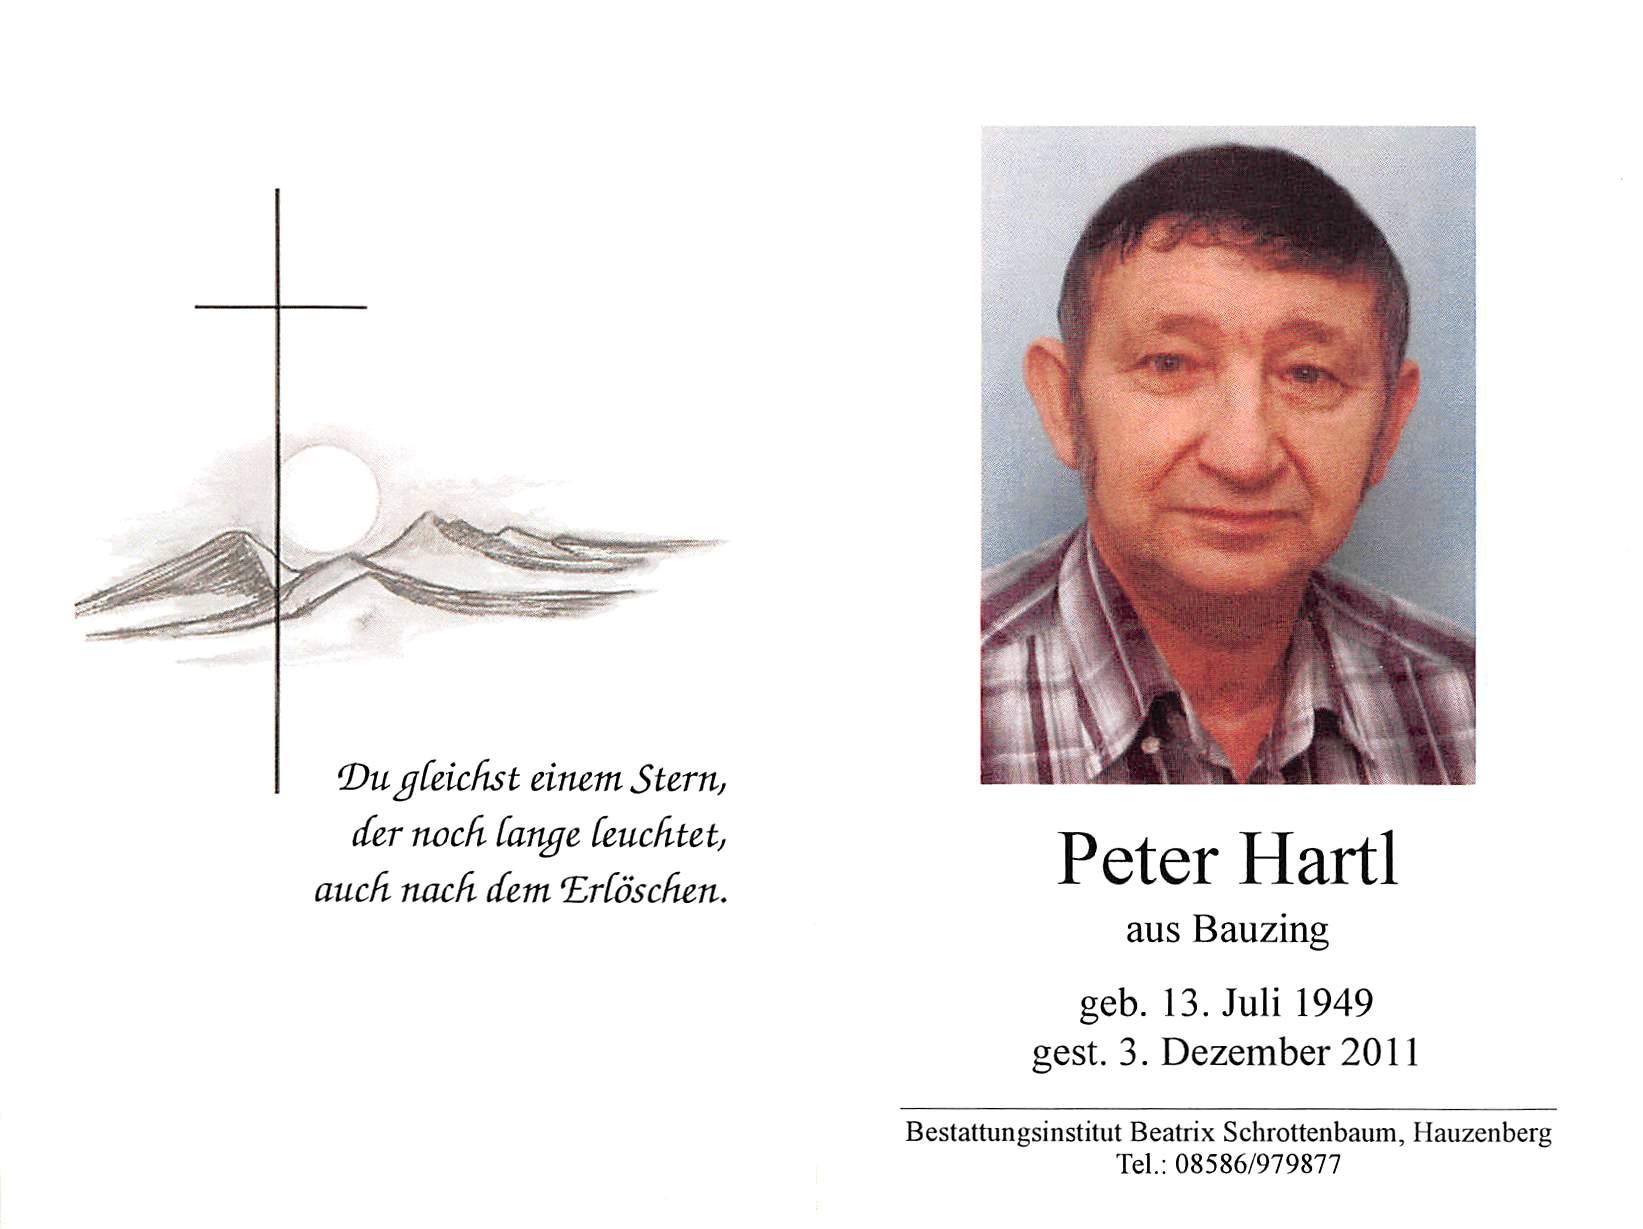 2011-12-03-Hartl-Peter-Bauzing